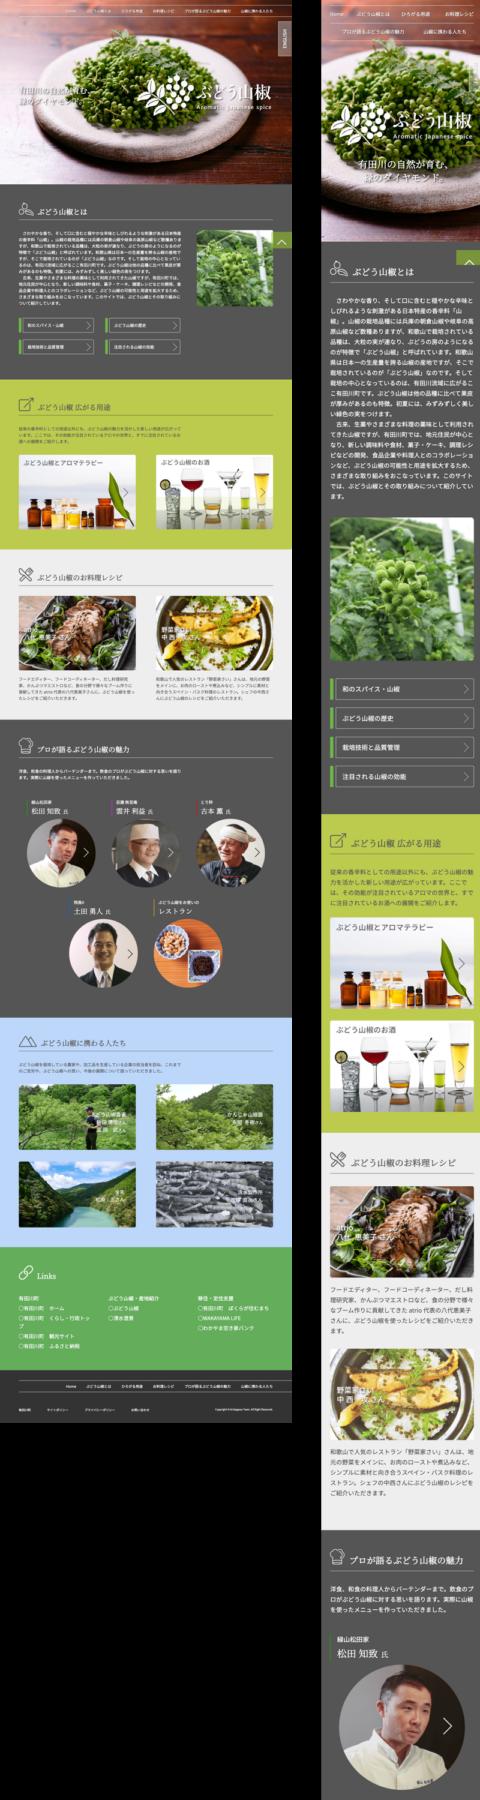 ぶどう山椒 Webサイト